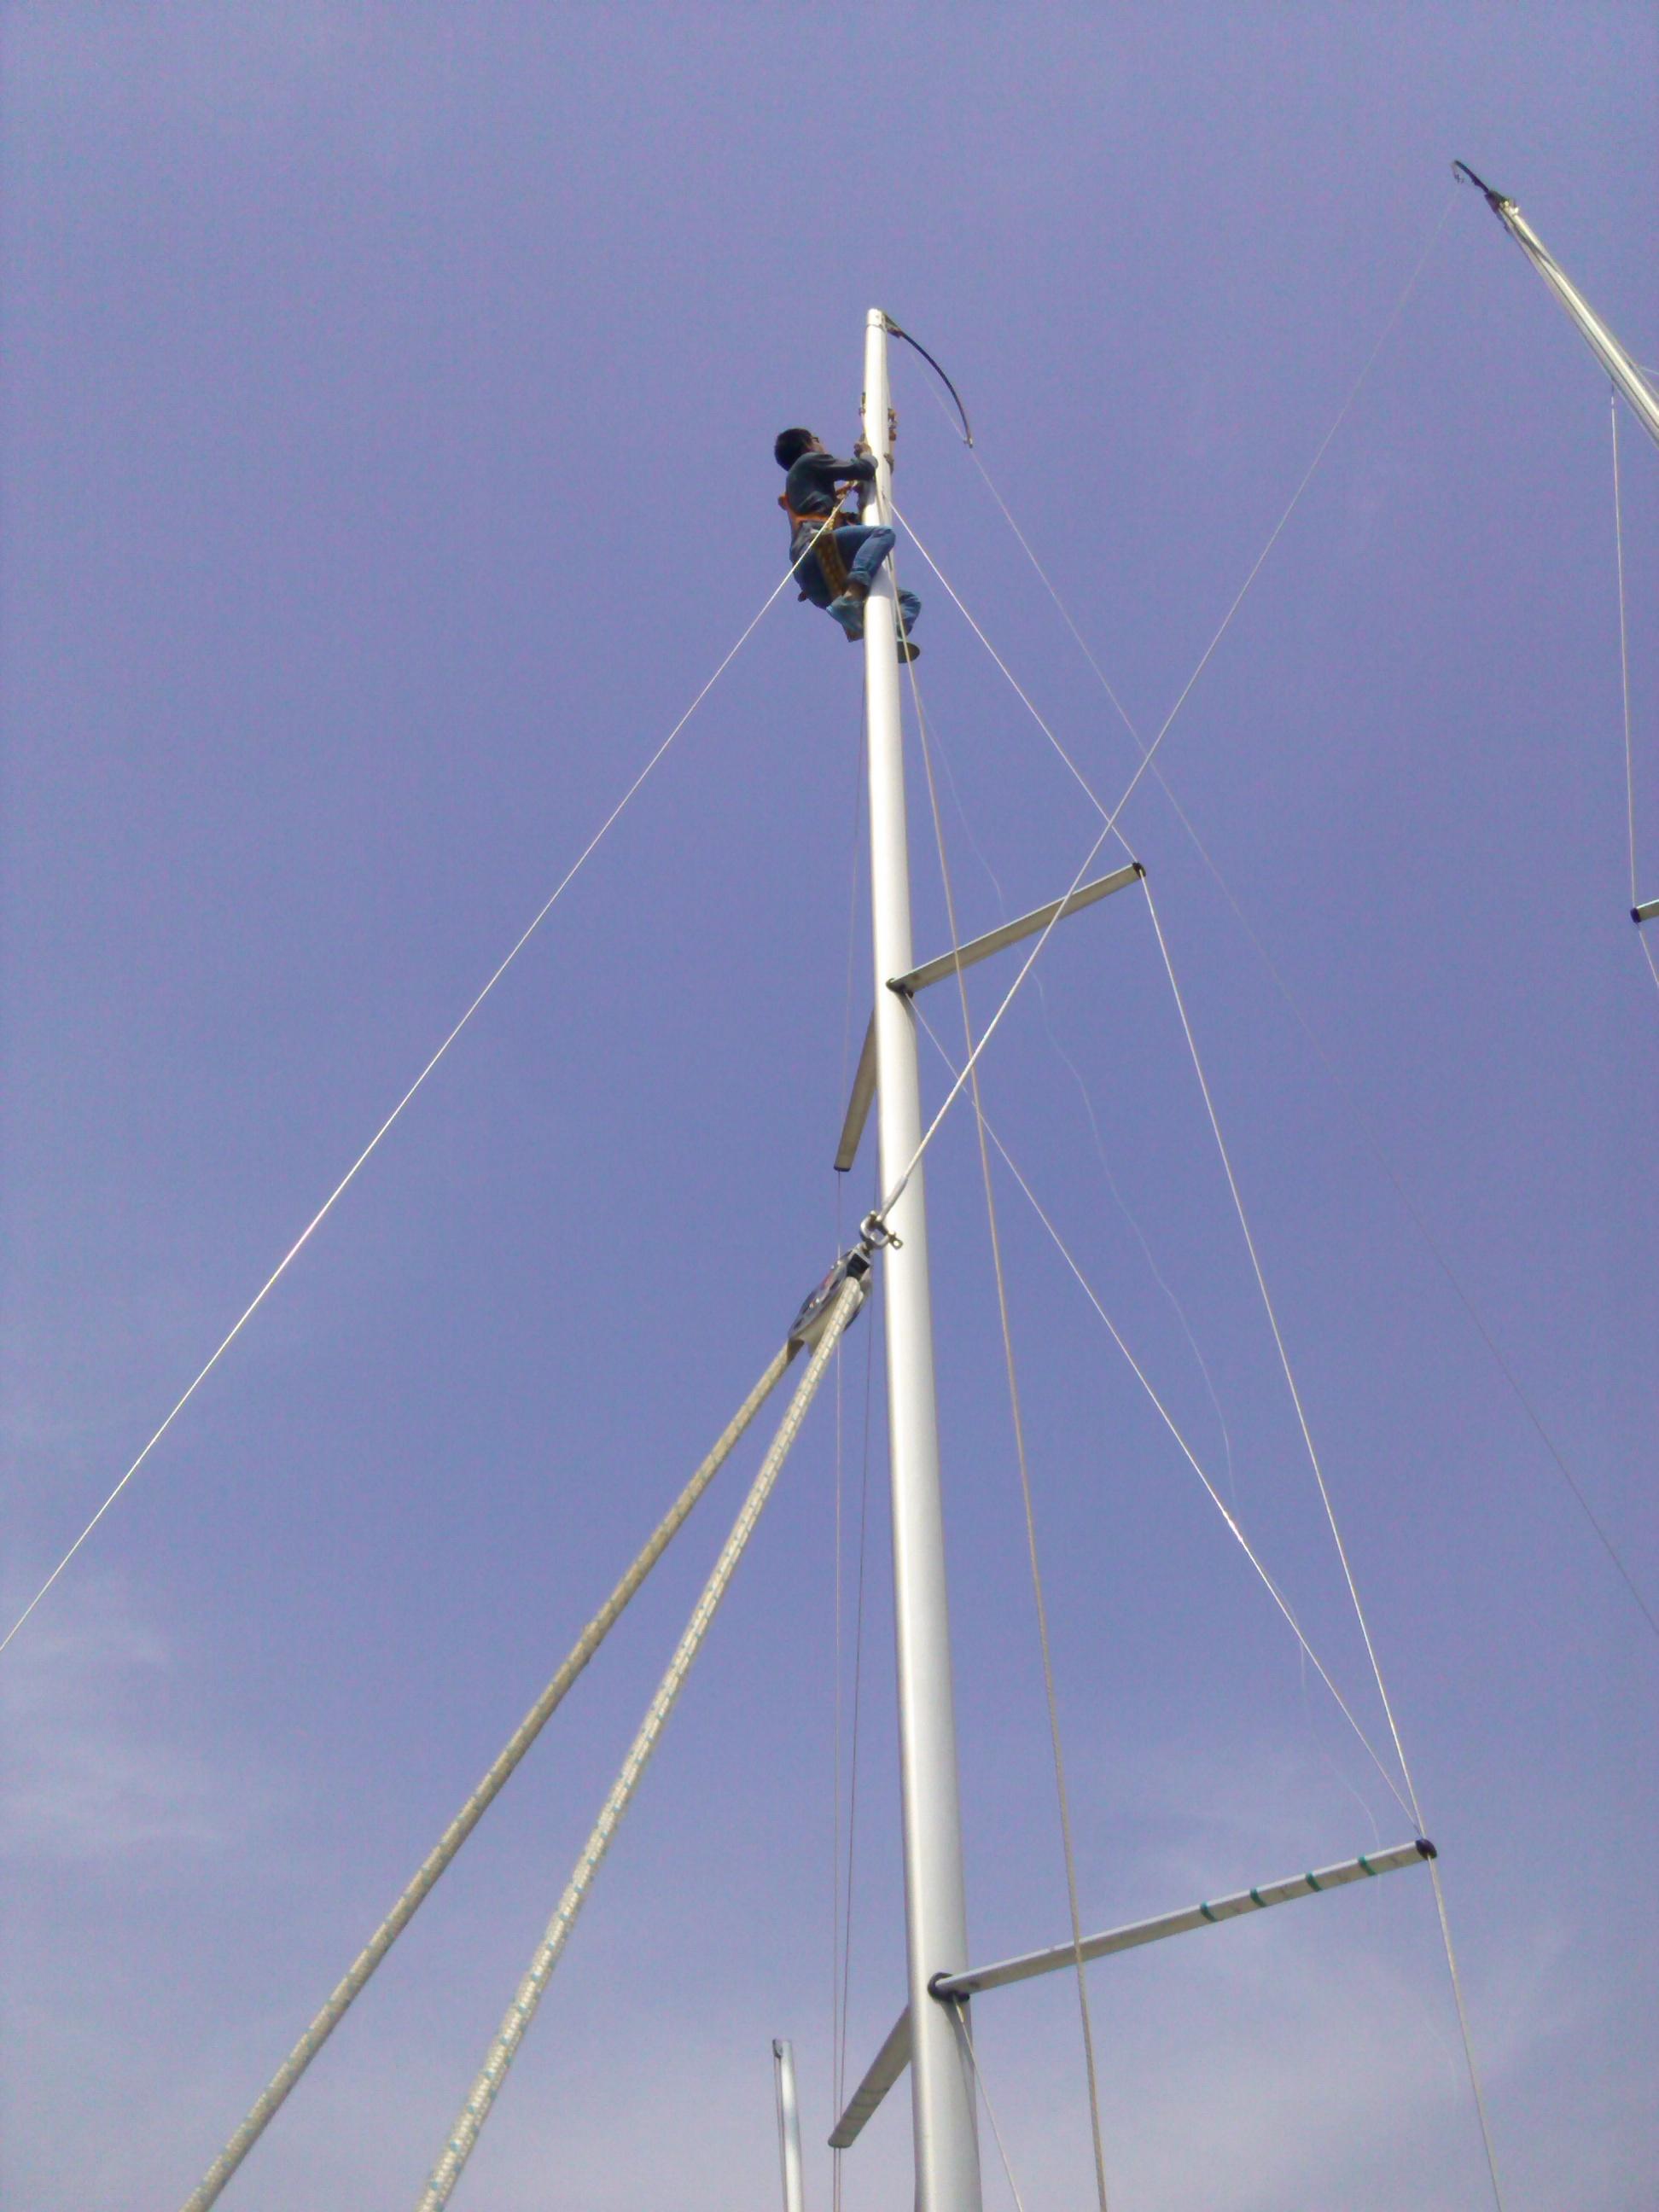 大连海事,图片,大学,帆船 大连海事大学帆船队之我们的那些事 上面的世界也很美!